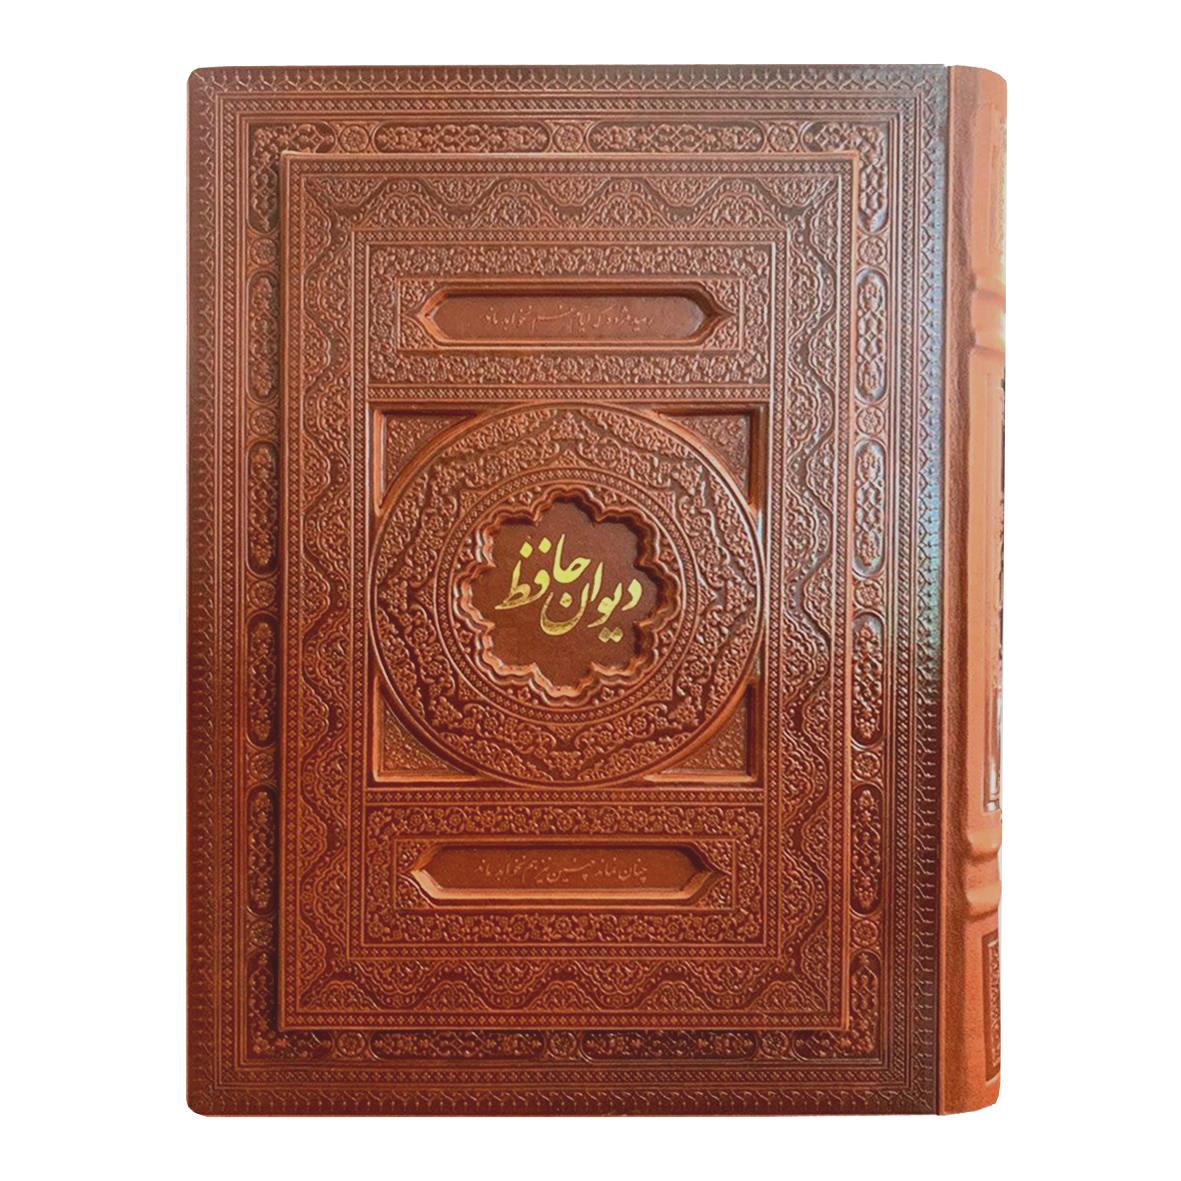 خرید                      کتاب دیوان حافظ شیرازی انتشارات بصیر دانش پرور